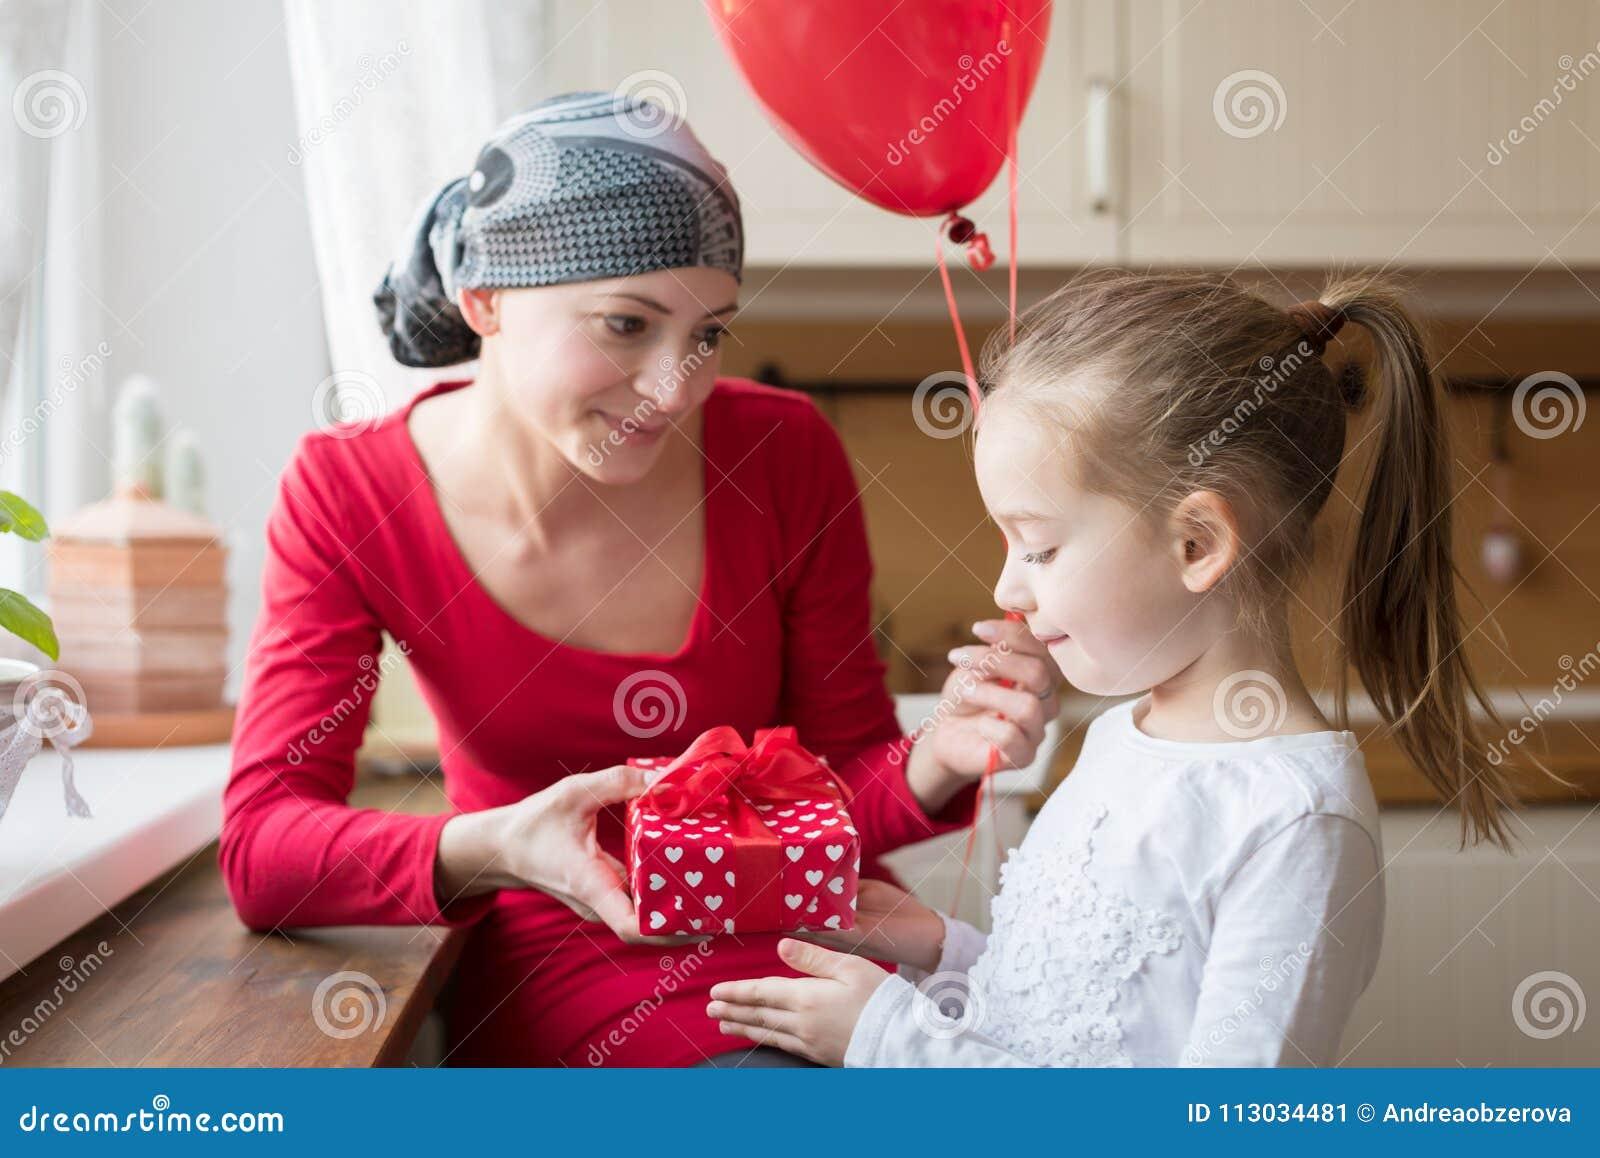 Madre joven, enfermo de cáncer, y su hija linda, celebrando cumpleaños con los globos y los presentes